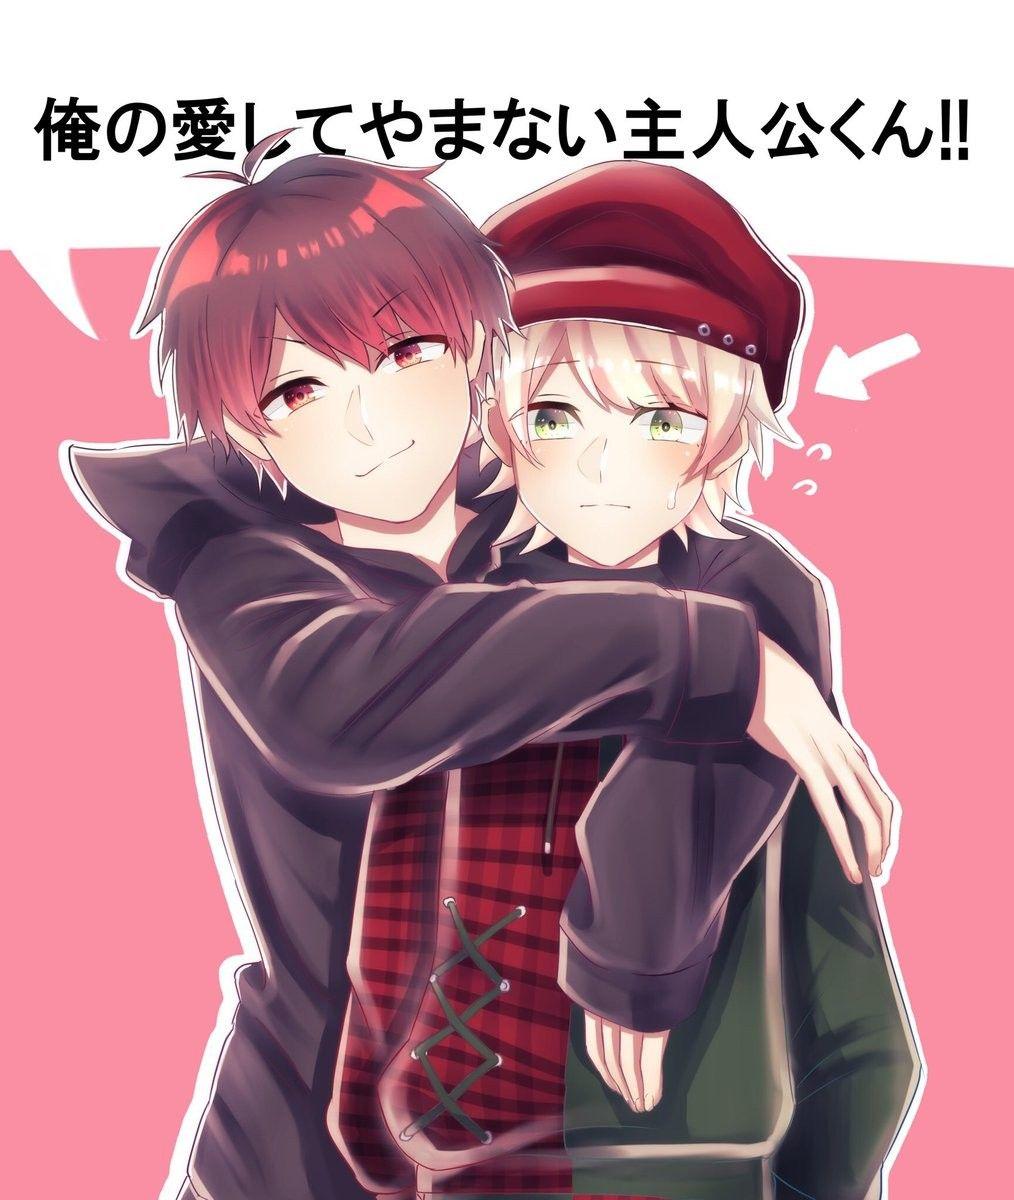 ゲイ 漫画 キヨ